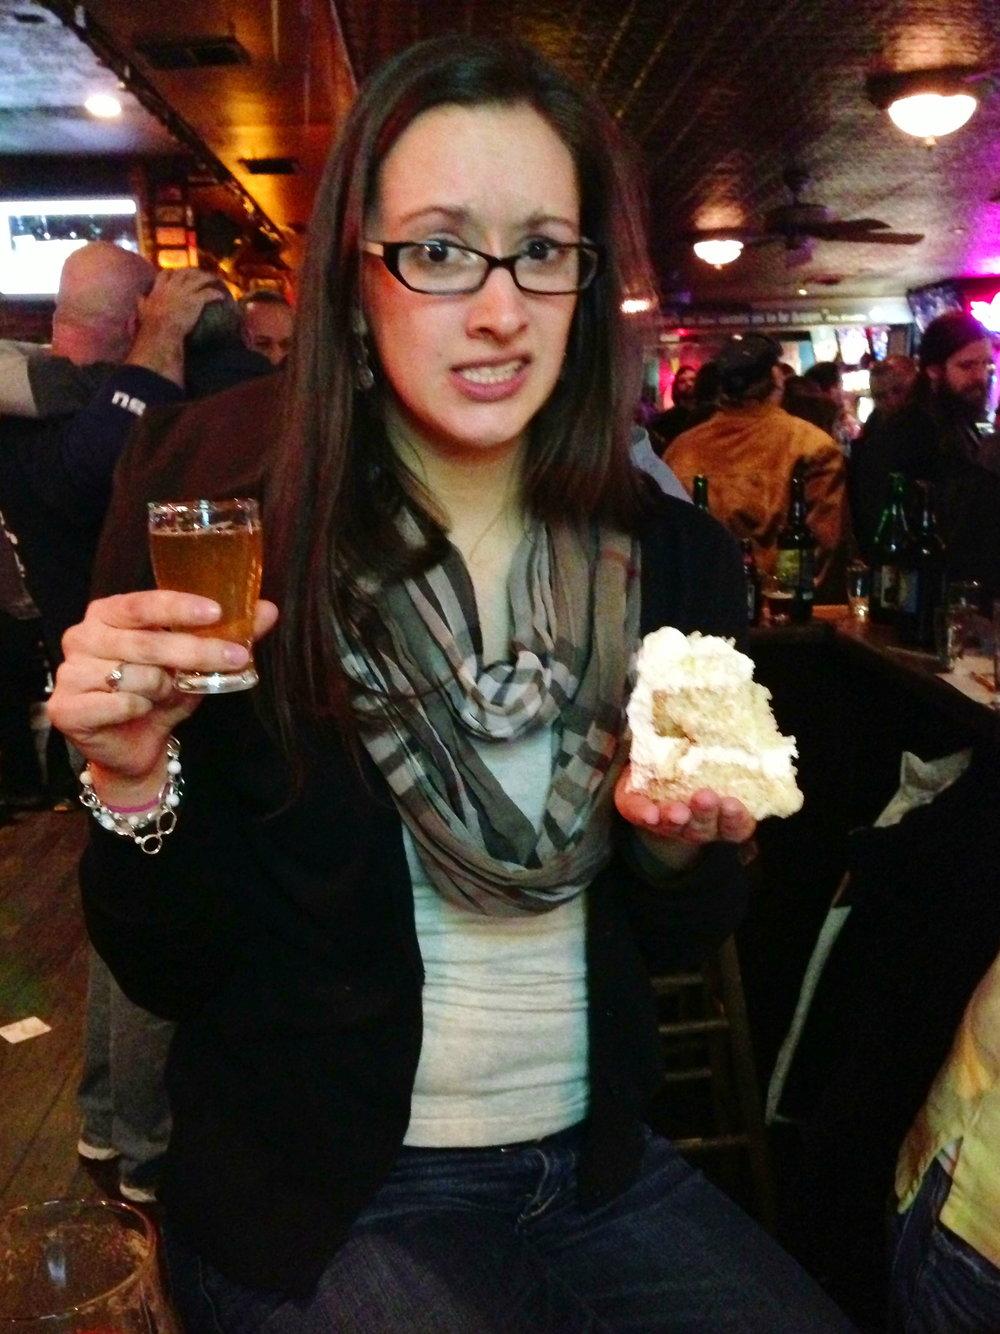 Lindsay and cake